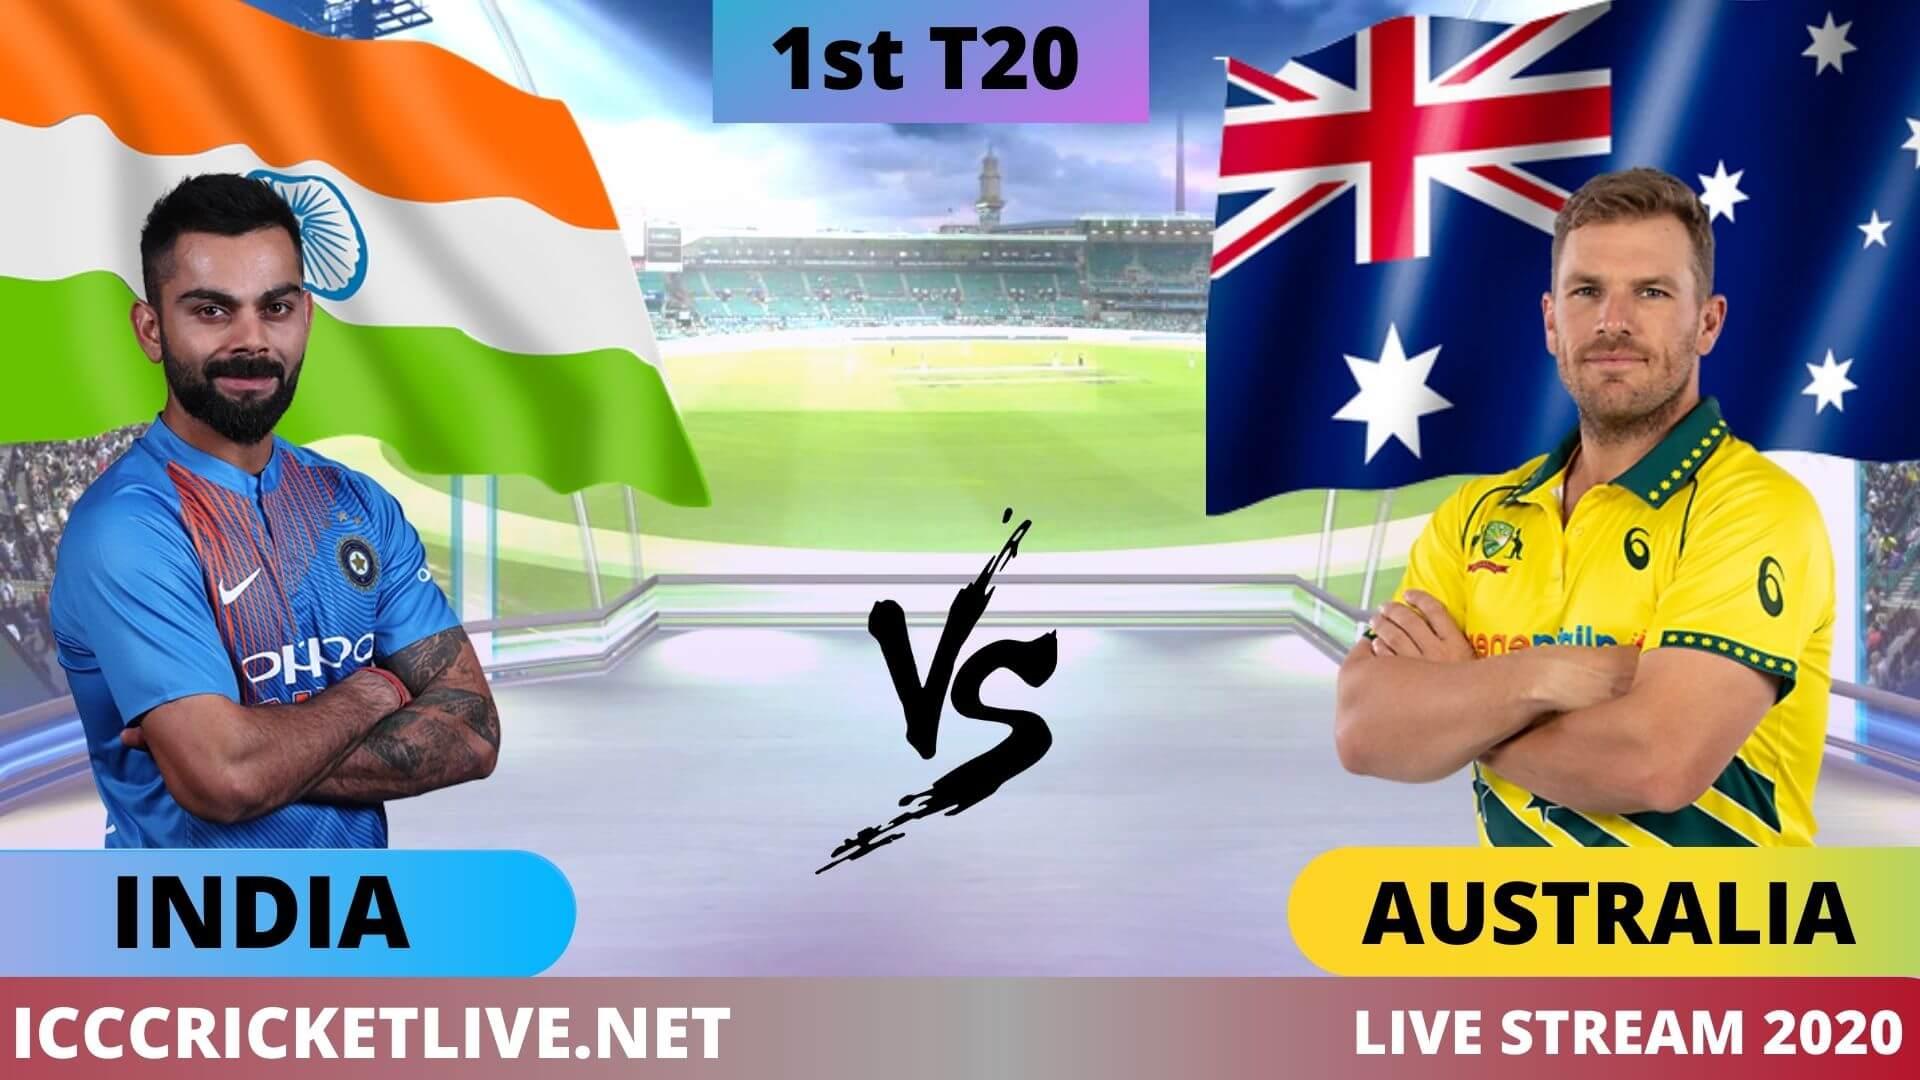 India Vs Australia Live Stream 2020 | 1st T20I